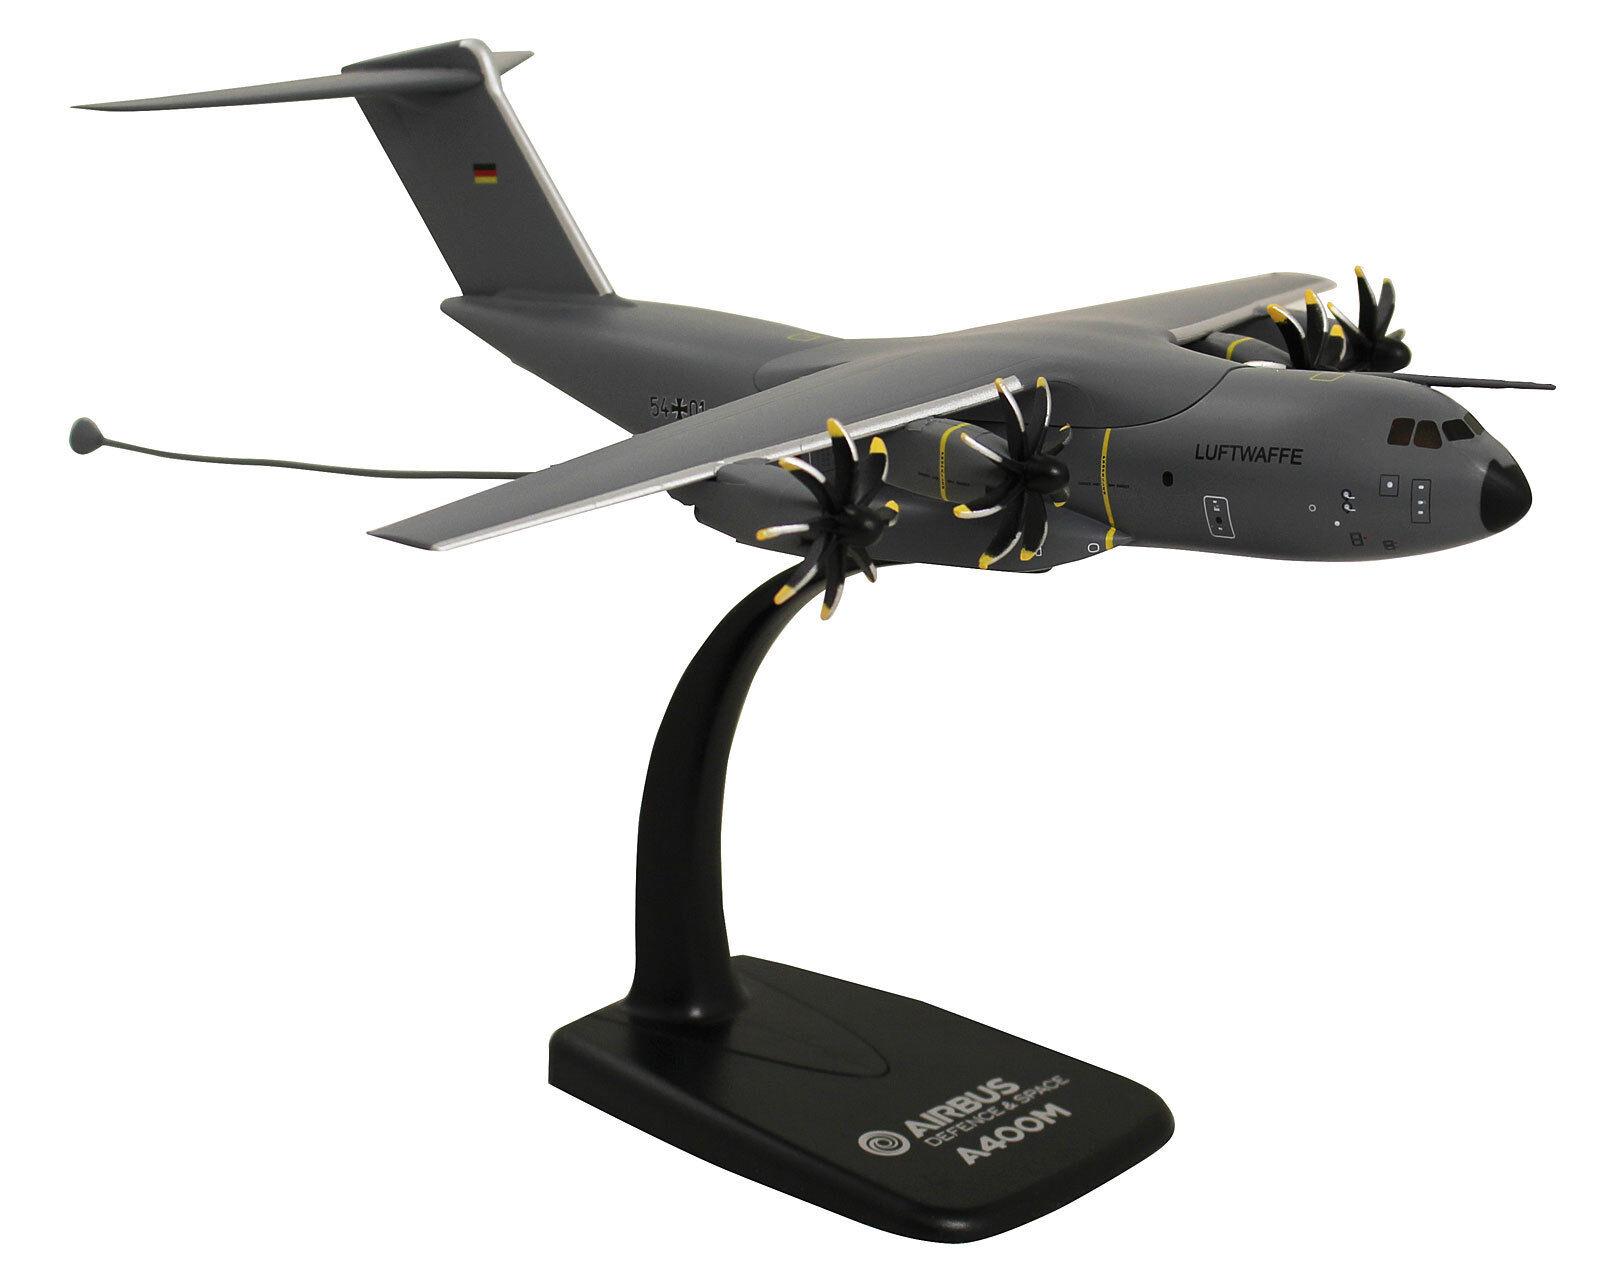 Fuerza aérea airbus a400m 1 200 limox Wings lm204 ejército alemán avión modelo 54+01